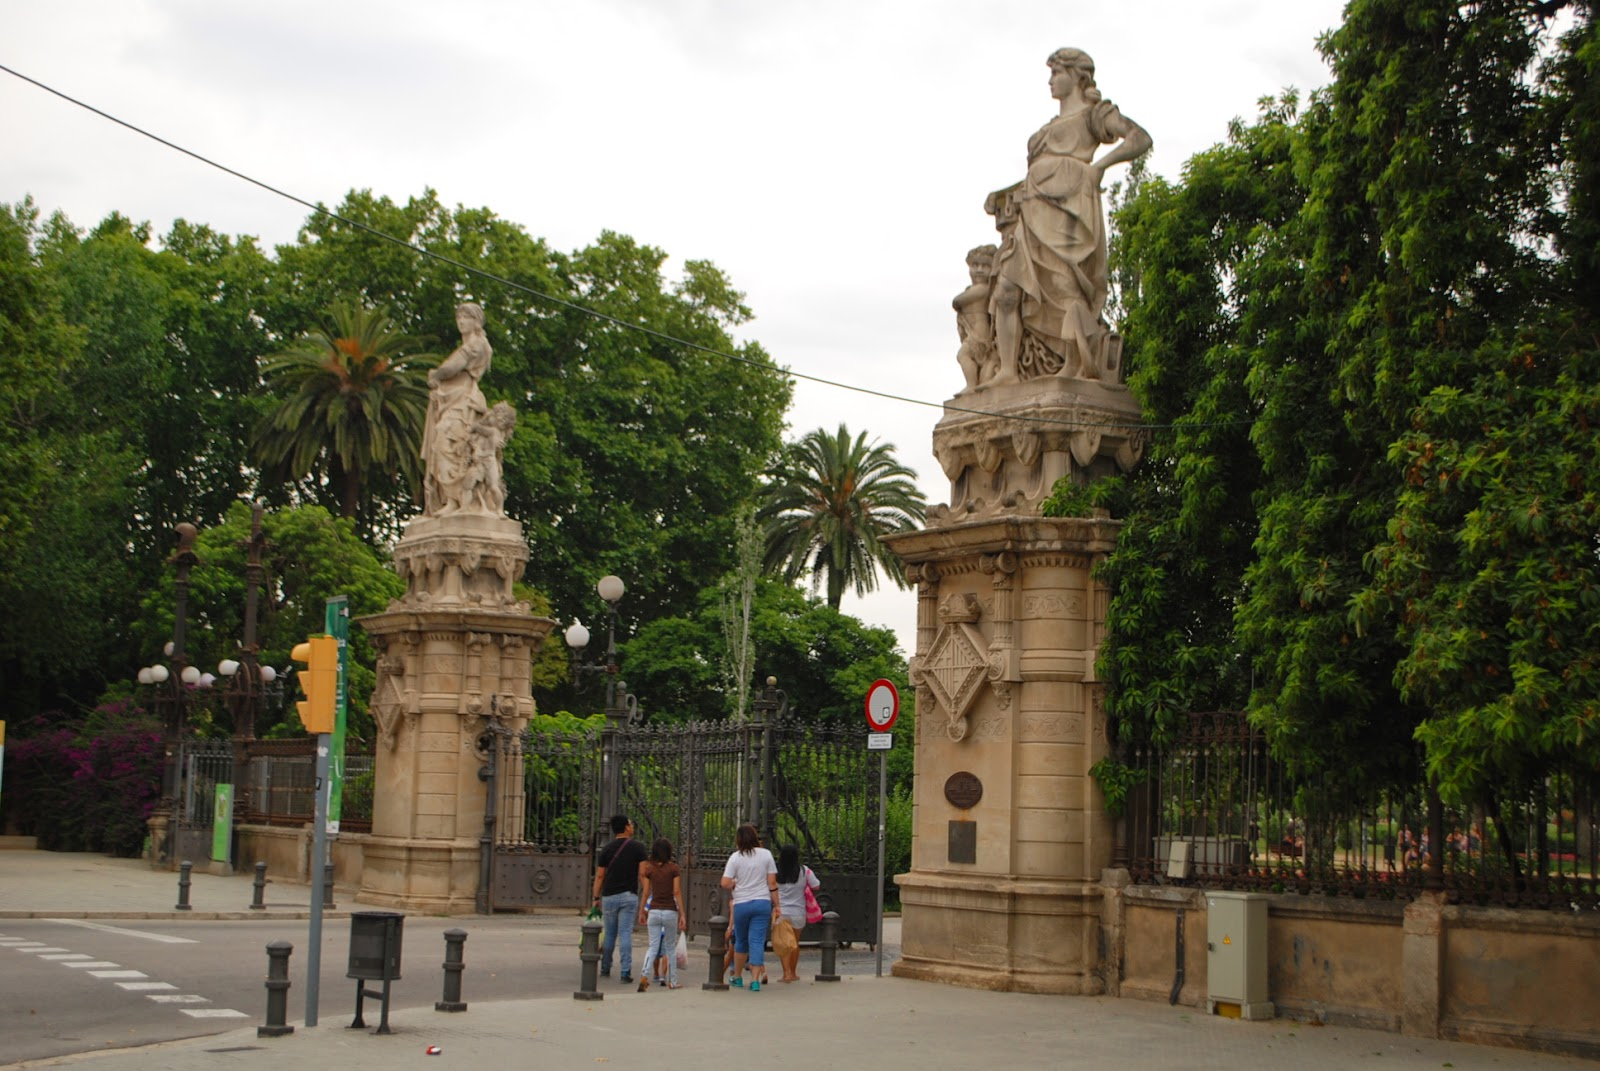 Вход в парк Цитадели (Сьютаделья, Ciutadella), Барселона, Каталония, Испания. Parc de la Ciutadella, Barcelona, Catalonia, Spain